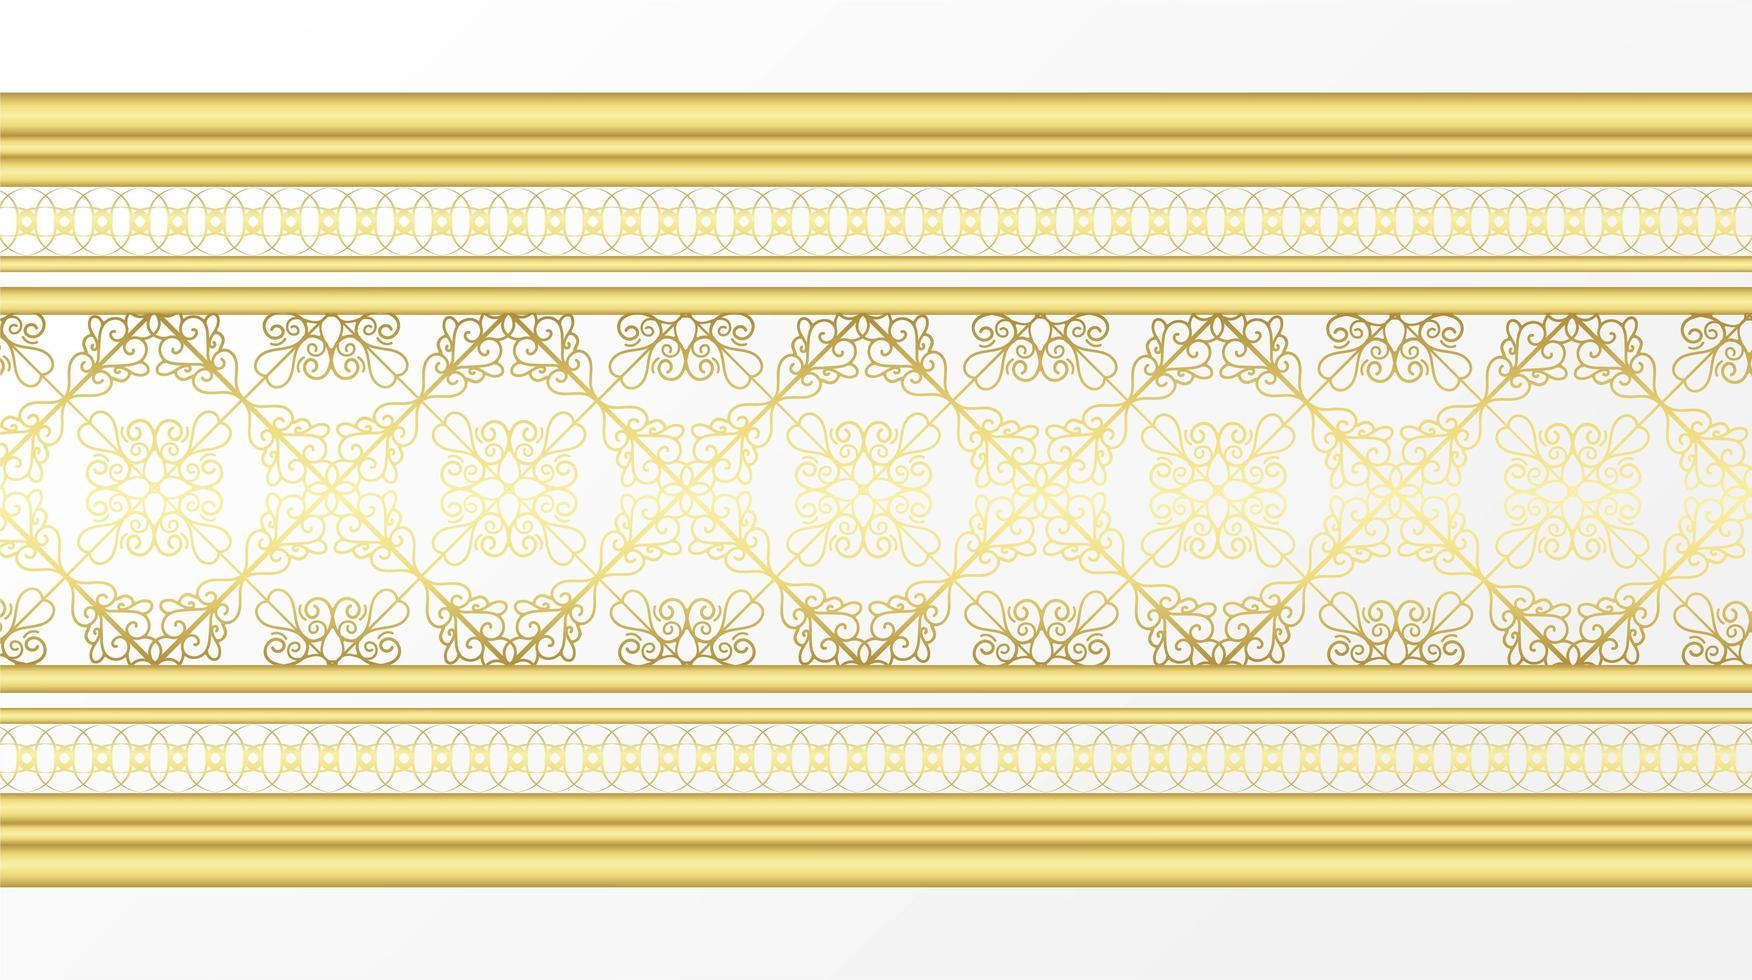 bordure décorative ornementale dorée vecteur